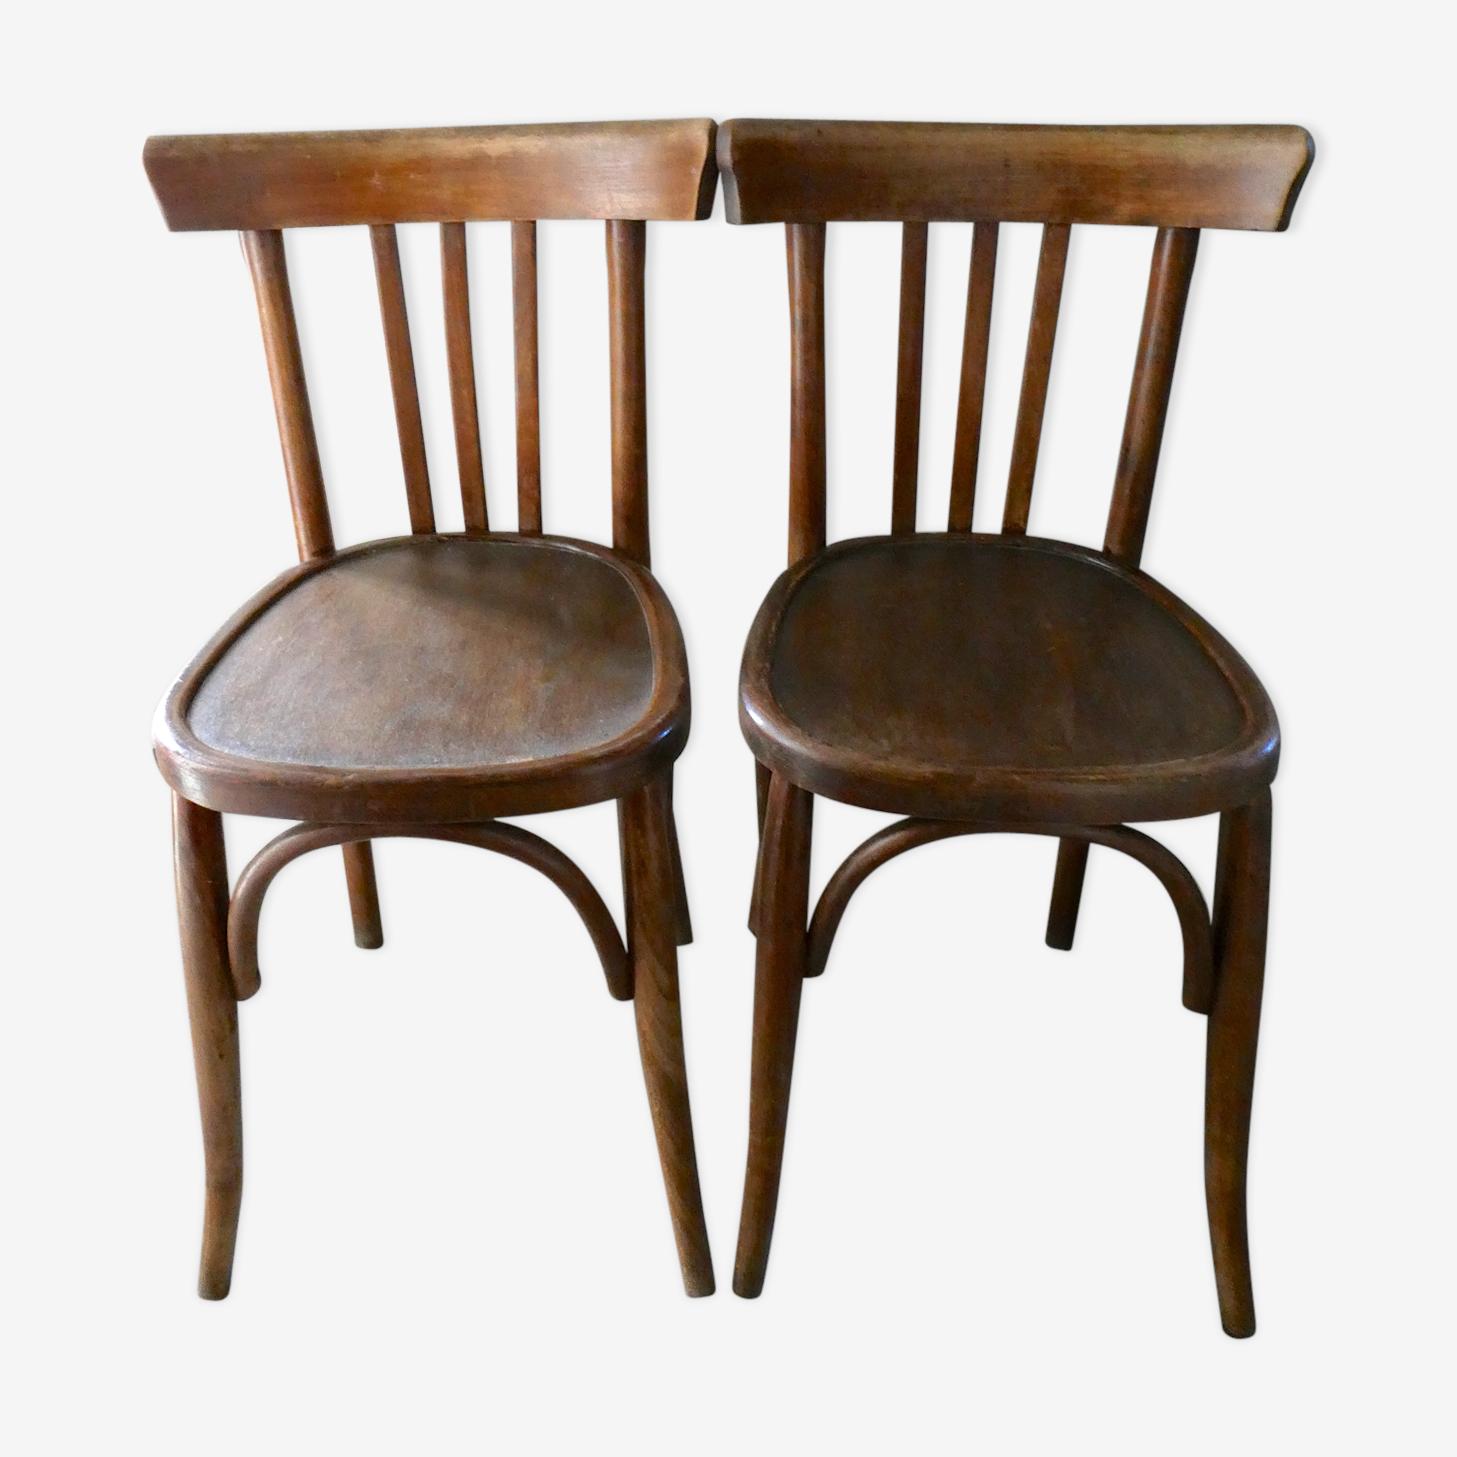 Paire de chaises de bistrot Mahieu en bois courbé